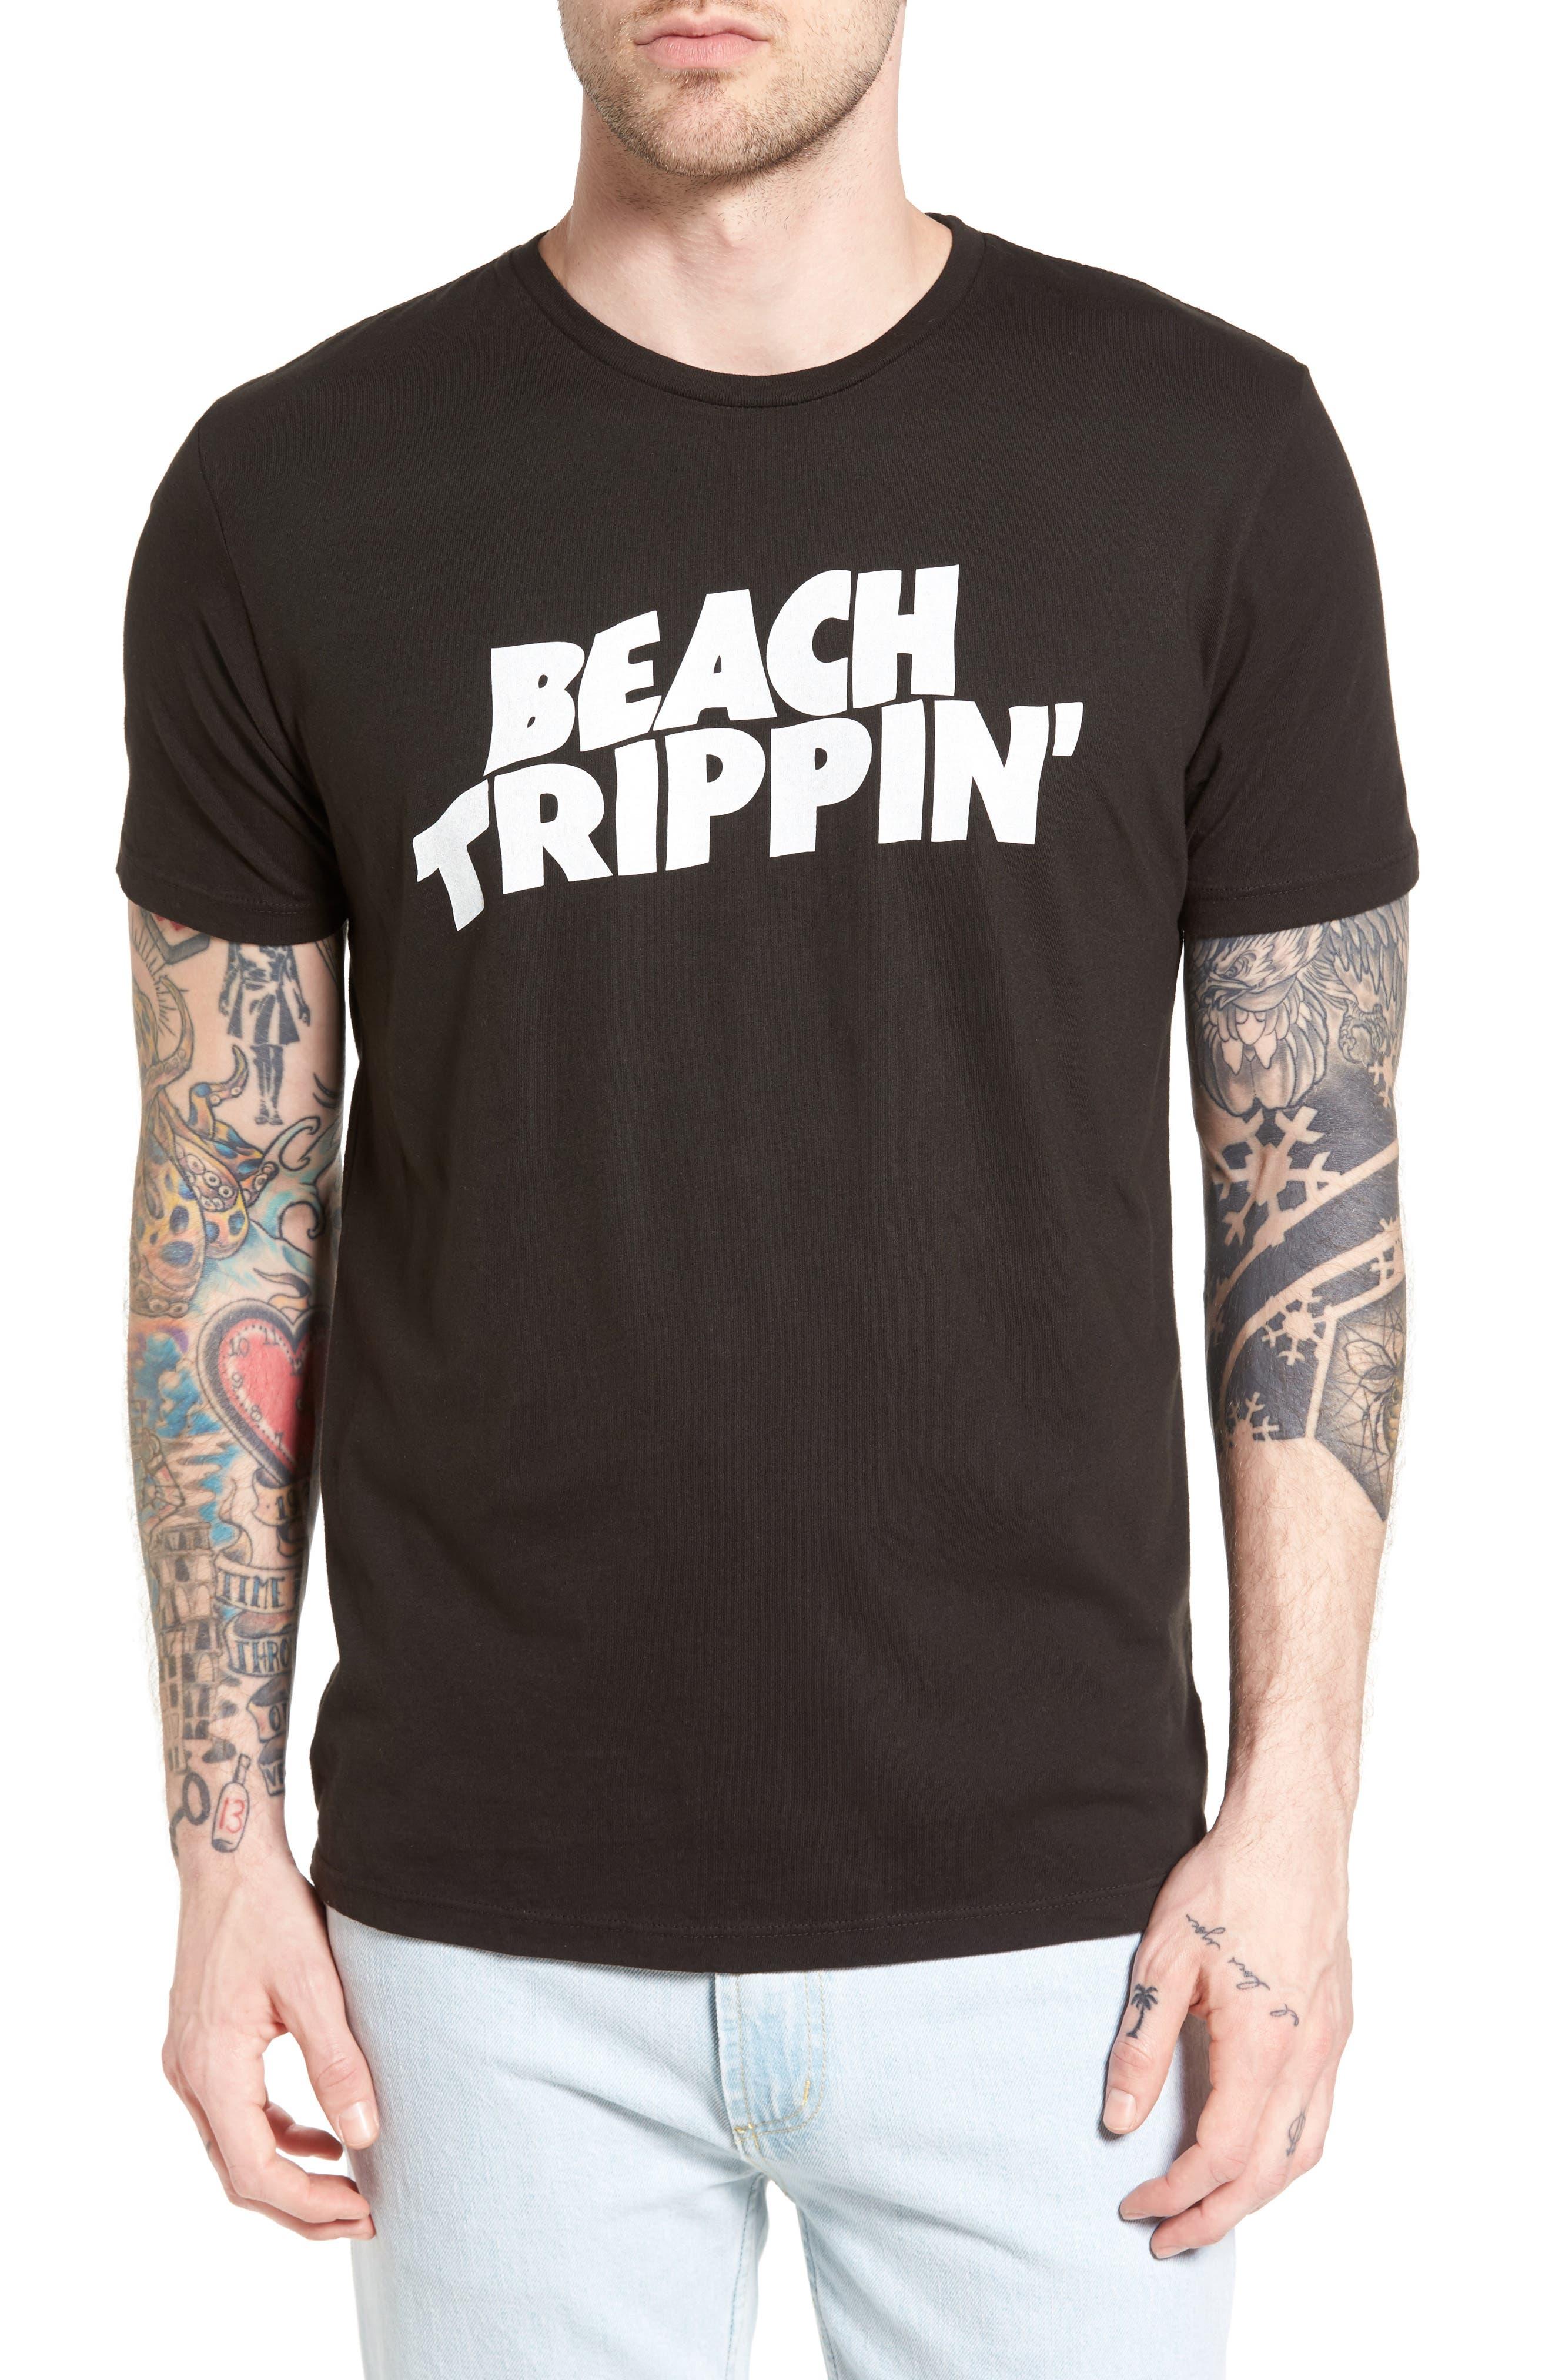 Beach Trippin' Graphic T-Shirt,                             Main thumbnail 1, color,                             Graphite